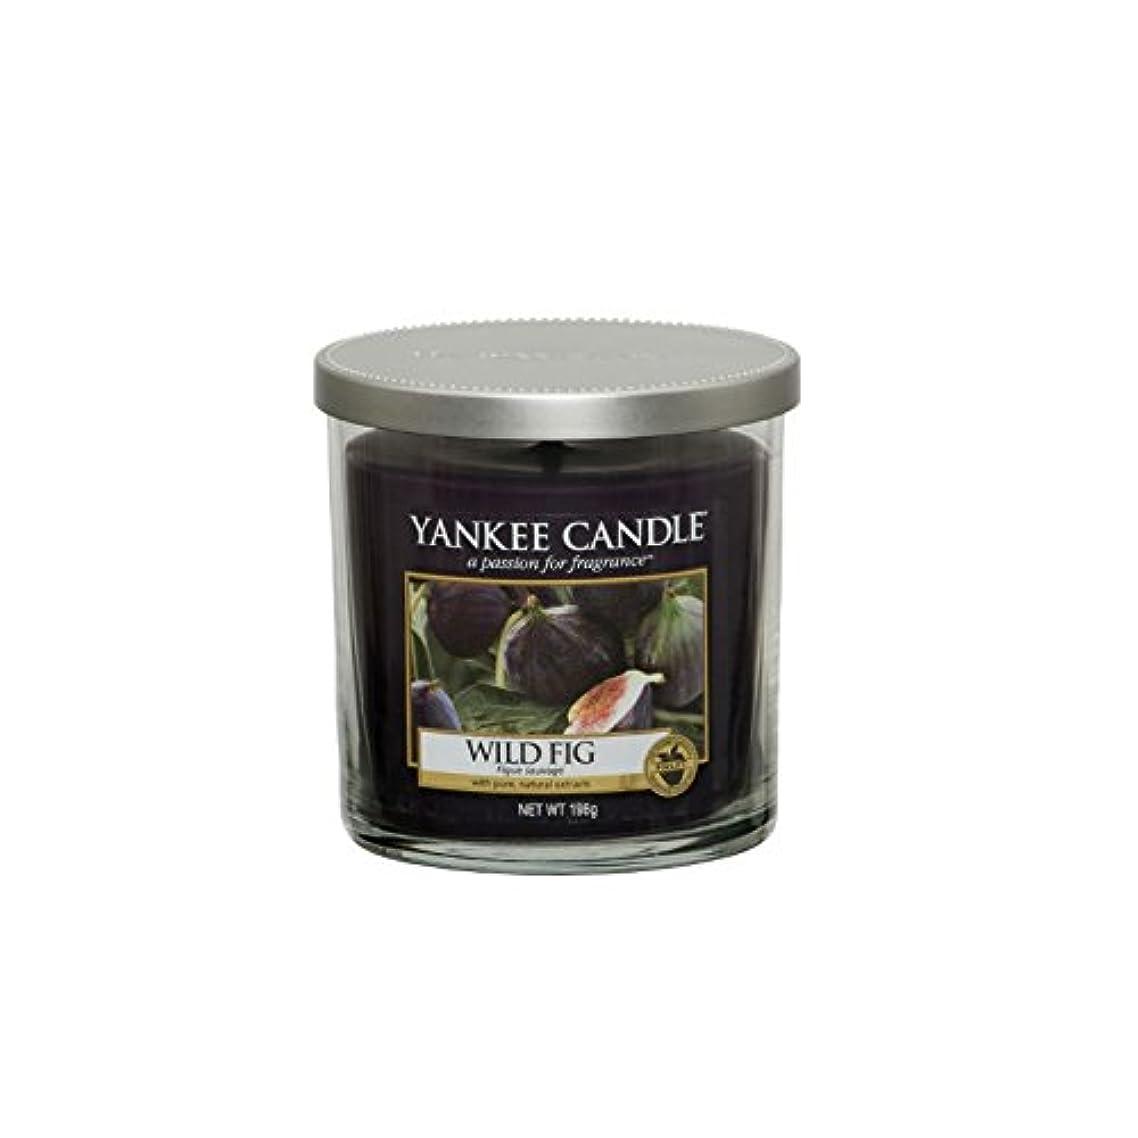 焼くパラシュート移行Yankee Candles Small Pillar Candle - Wild Fig (Pack of 2) - ヤンキーキャンドルの小さな柱キャンドル - 野生のイチジク (x2) [並行輸入品]